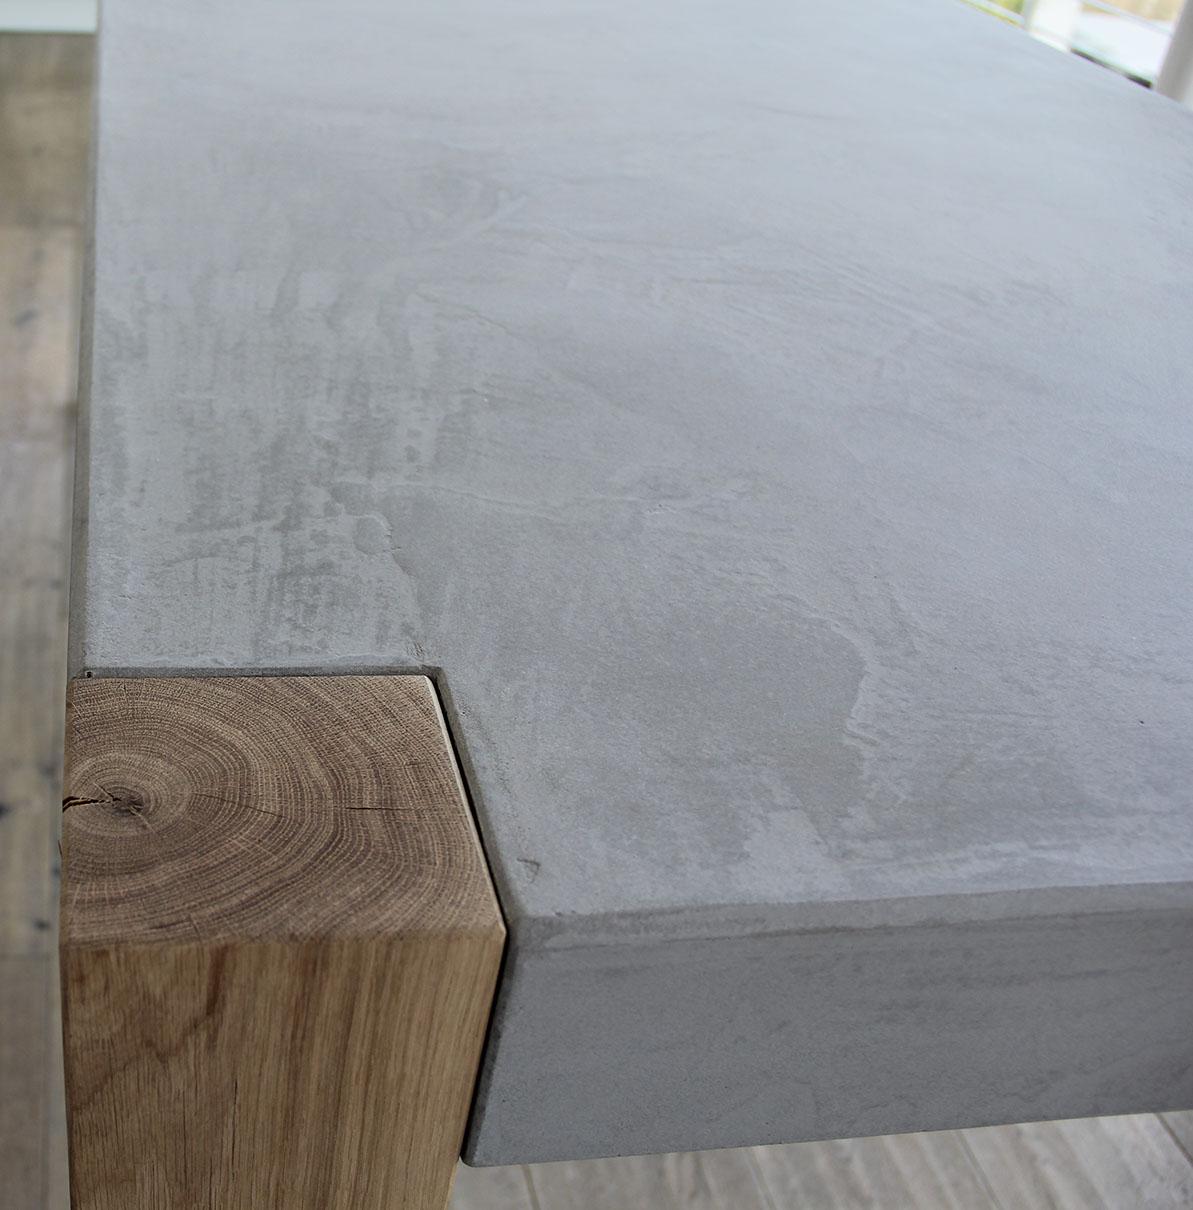 Masstisch Beton Spachtelbeton Esstisch Schreibtisch Betonboden Gussboden fugenlos Treppe grau Küche Bad Badezimmer Wohnzimmer Möbel mainTisch mainBeton mainGrill 17